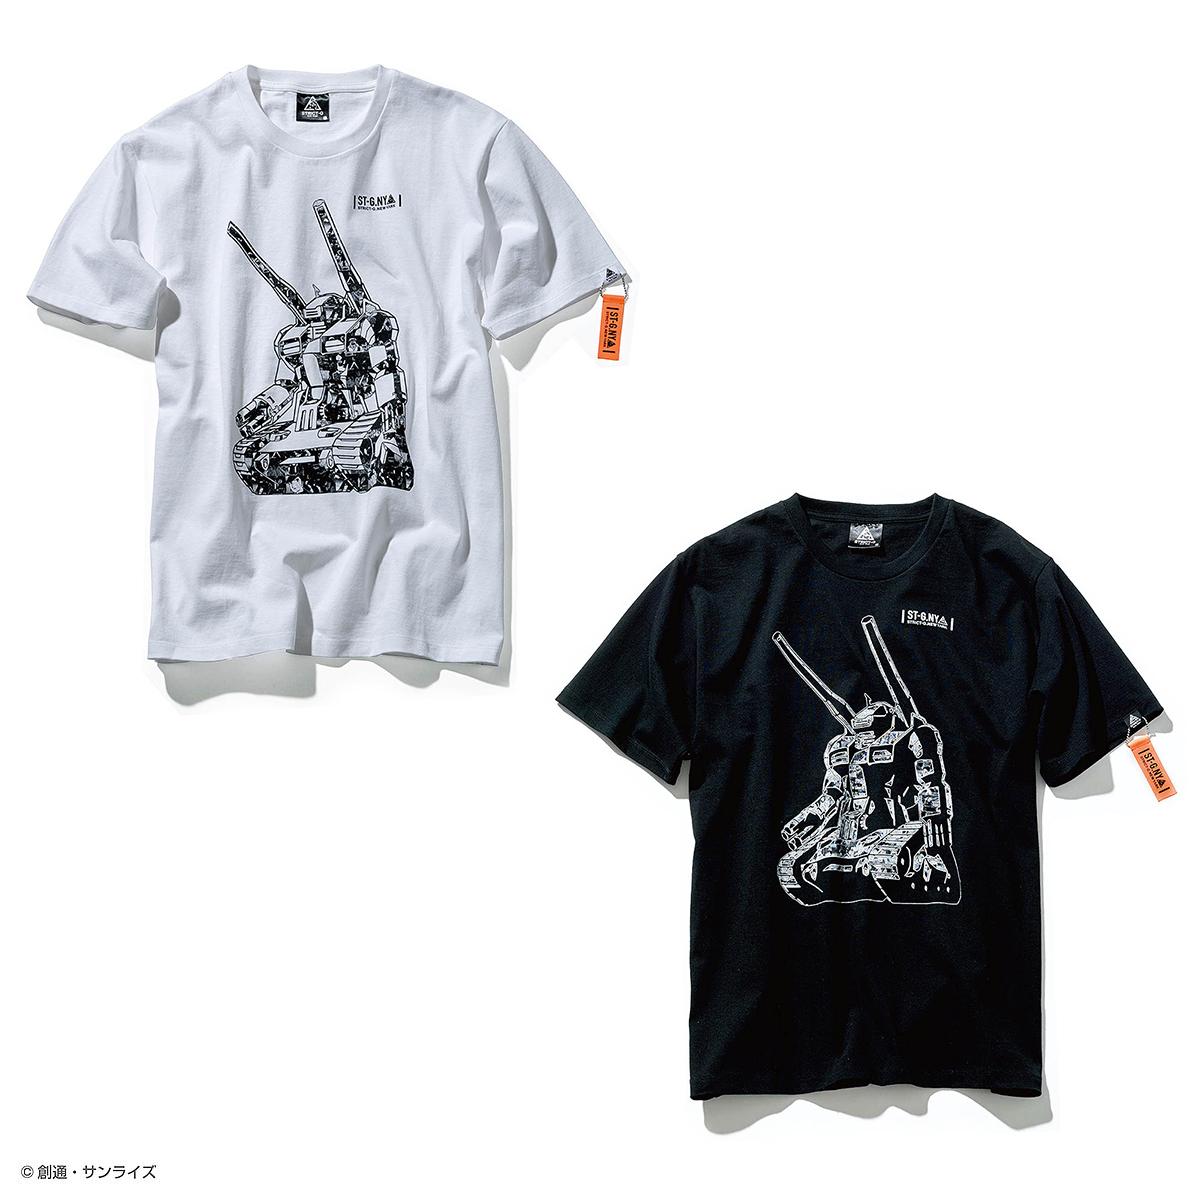 STRICT-G NEW YARK Tシャツ ガンタンクコラージュ柄